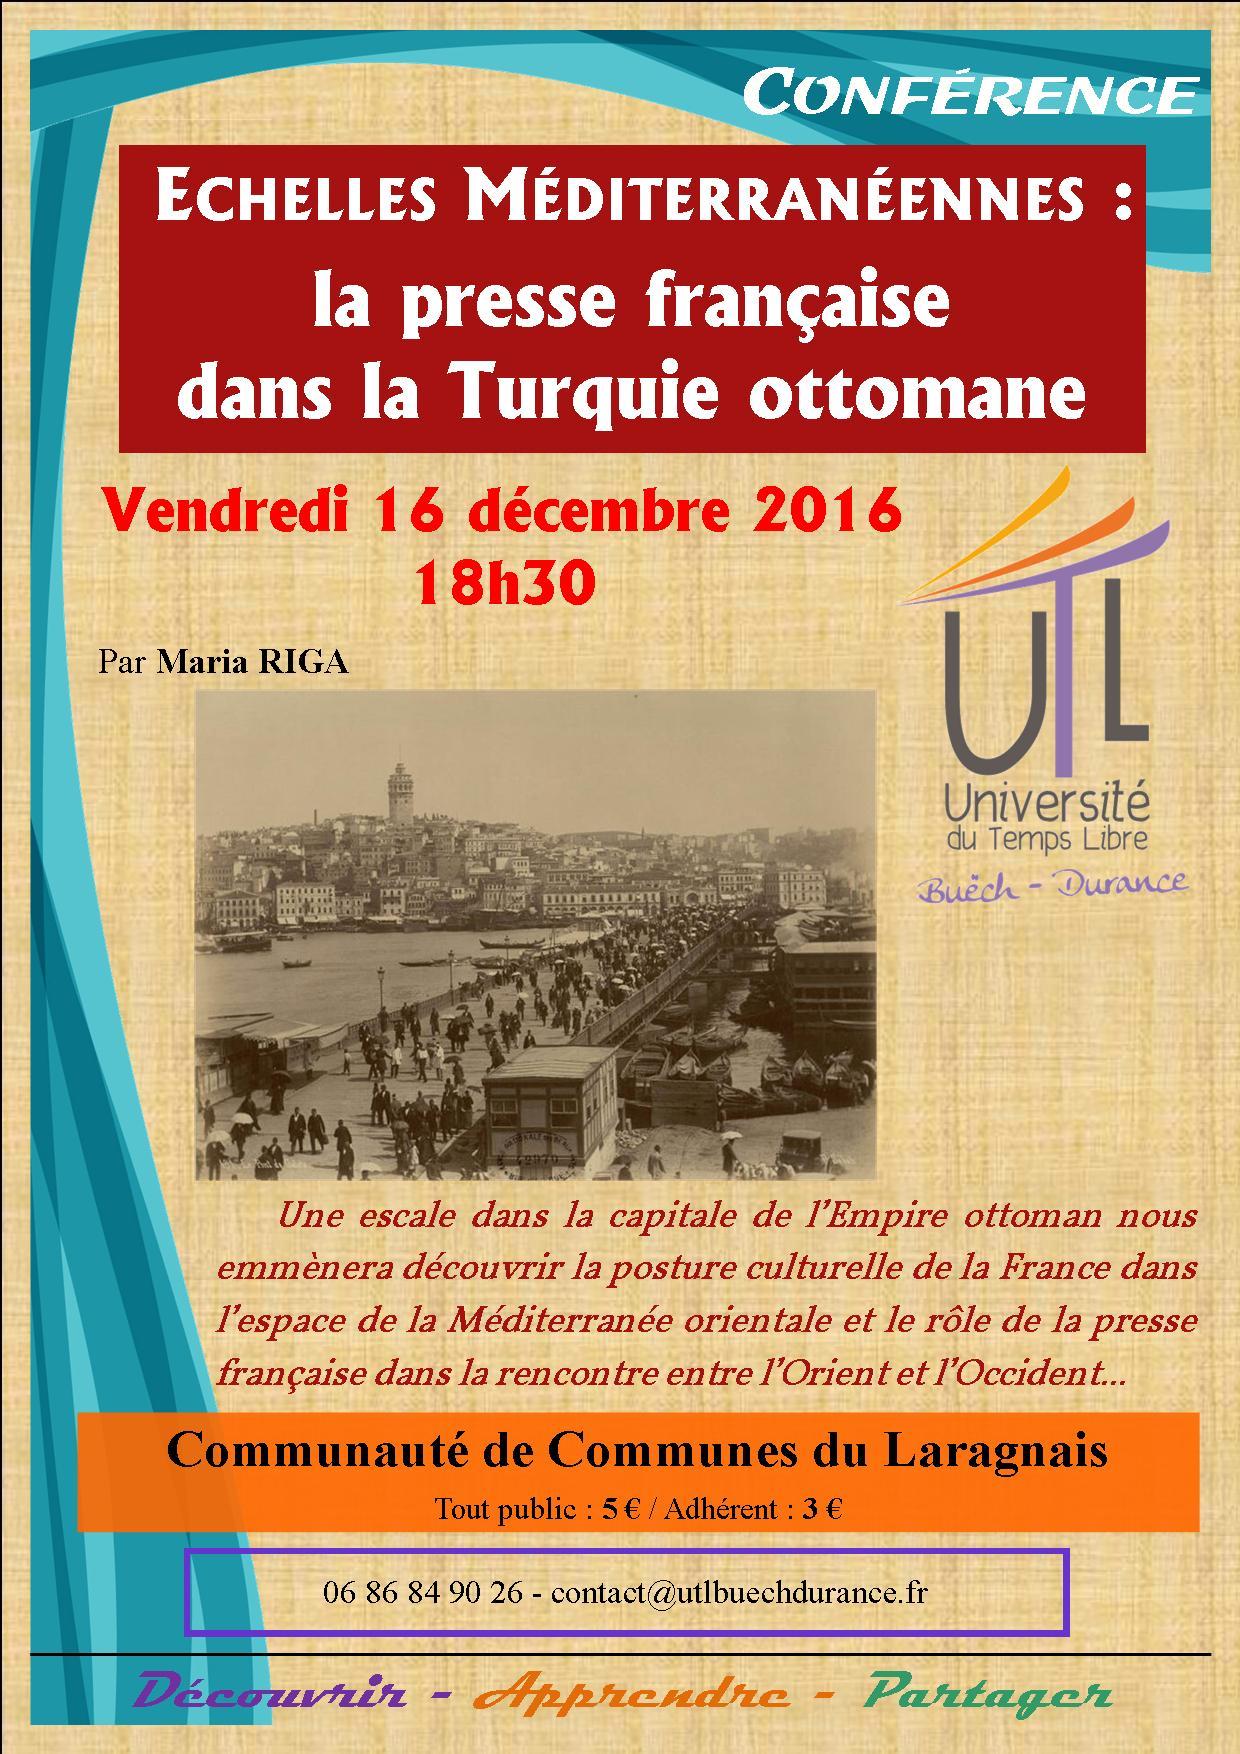 2016-12-16-la-presse-francaise-dans-la-turquie-ottomane